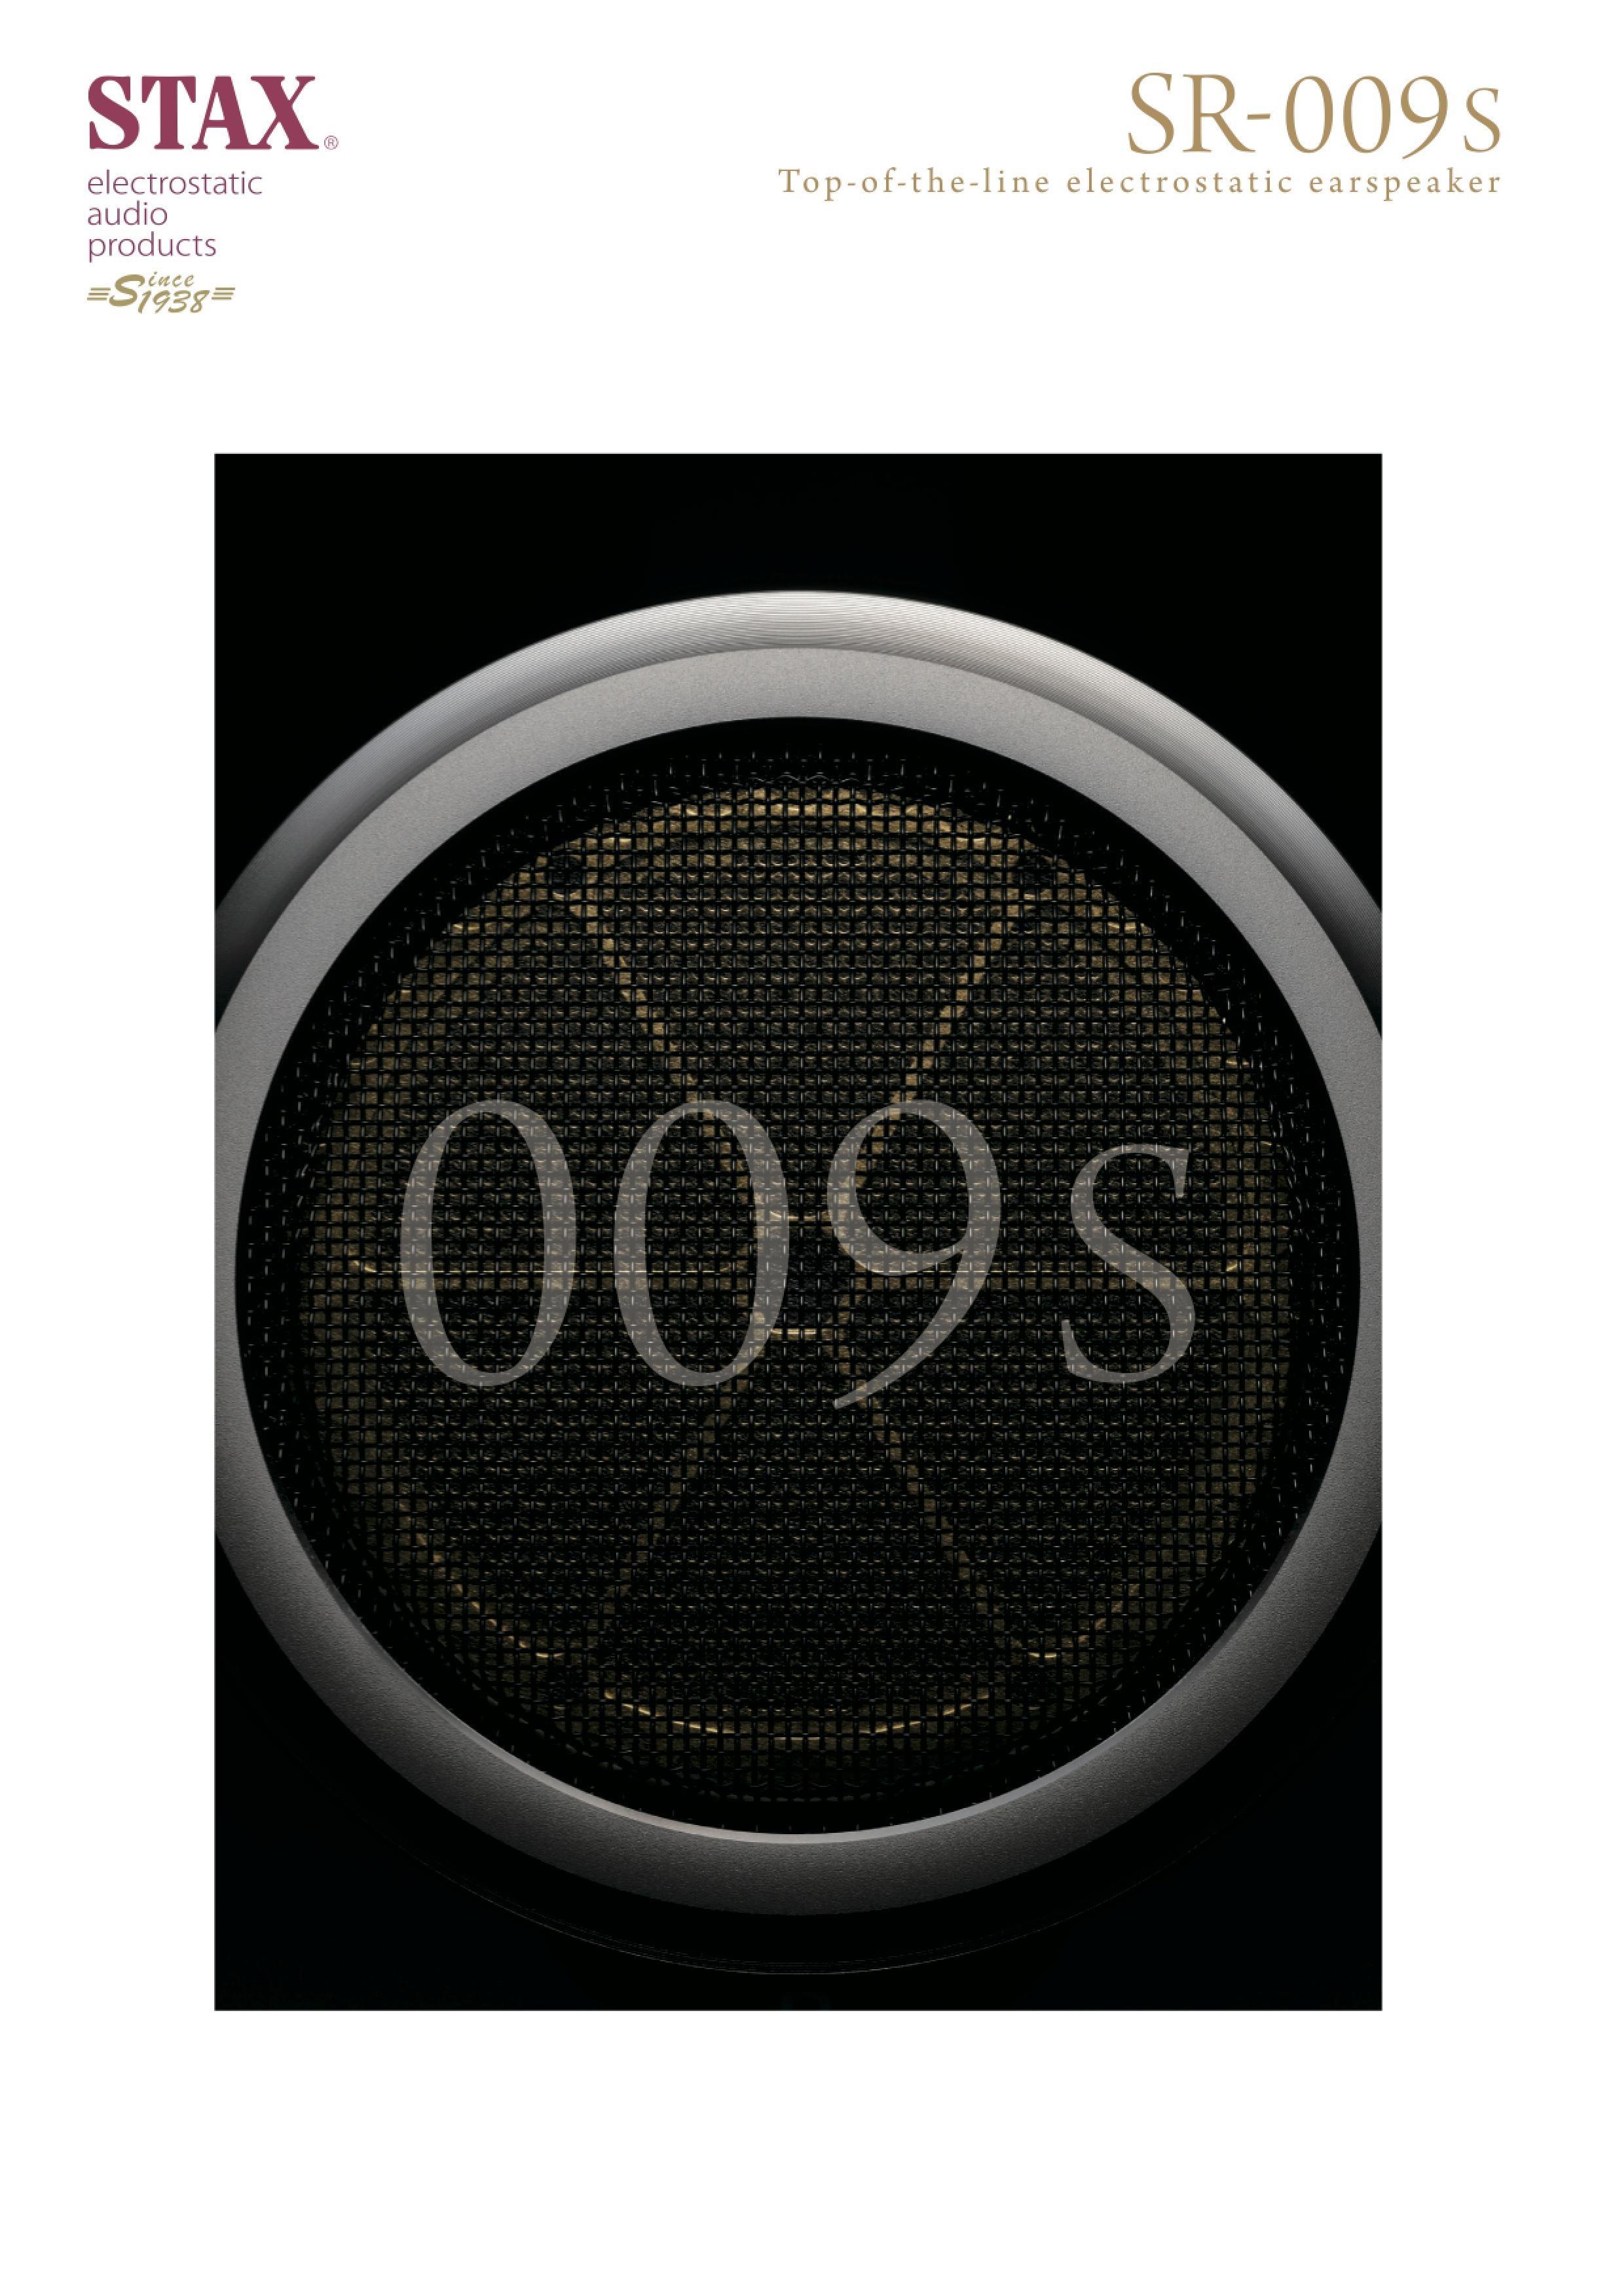 SR-009s